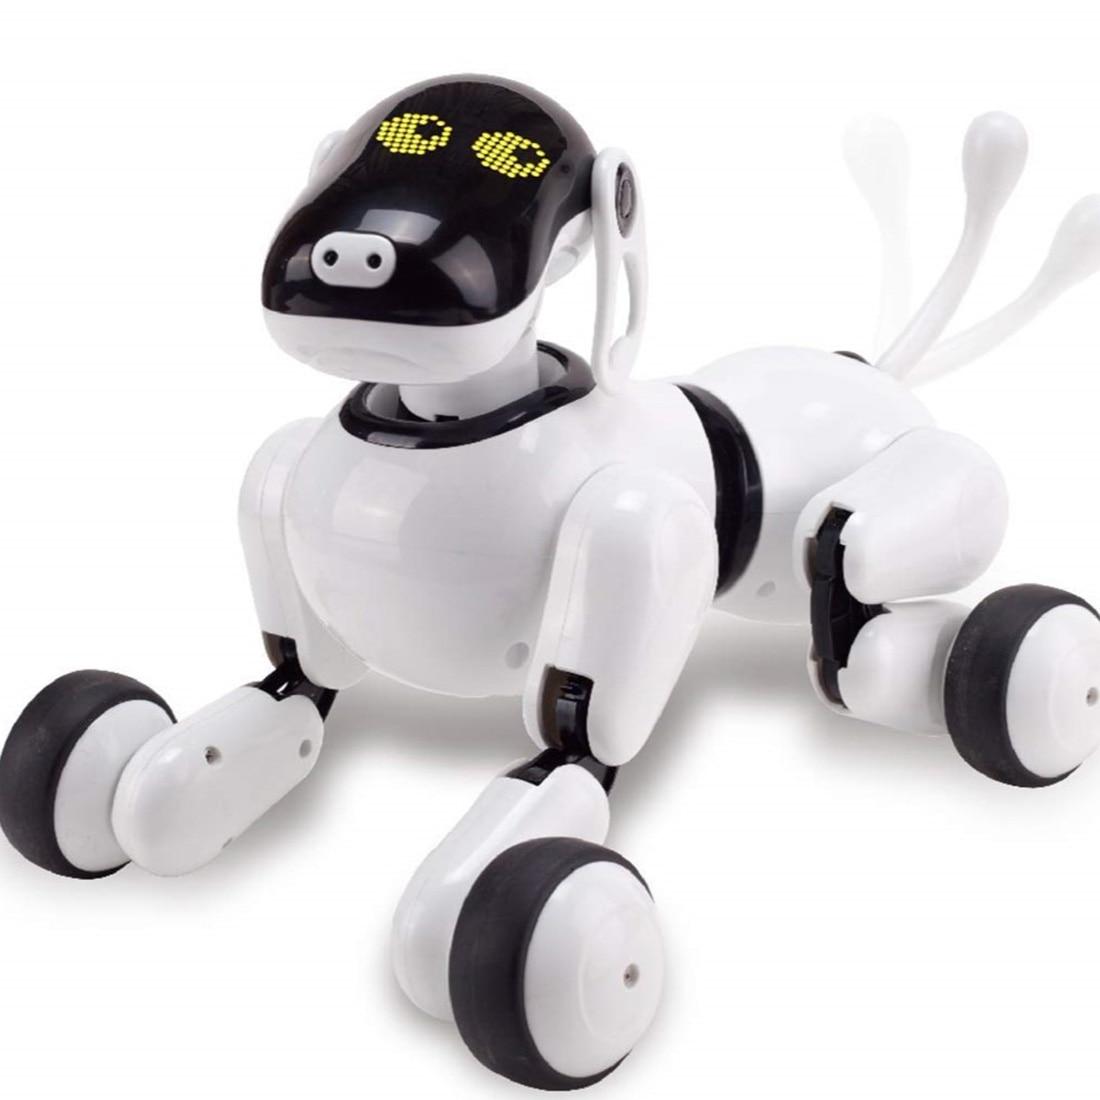 Télécommande sans fil Robot Intelligent chien électrique Intelligent RC animaux jouets éducatifs précoces pour enfants enfants cadeau d'anniversaire